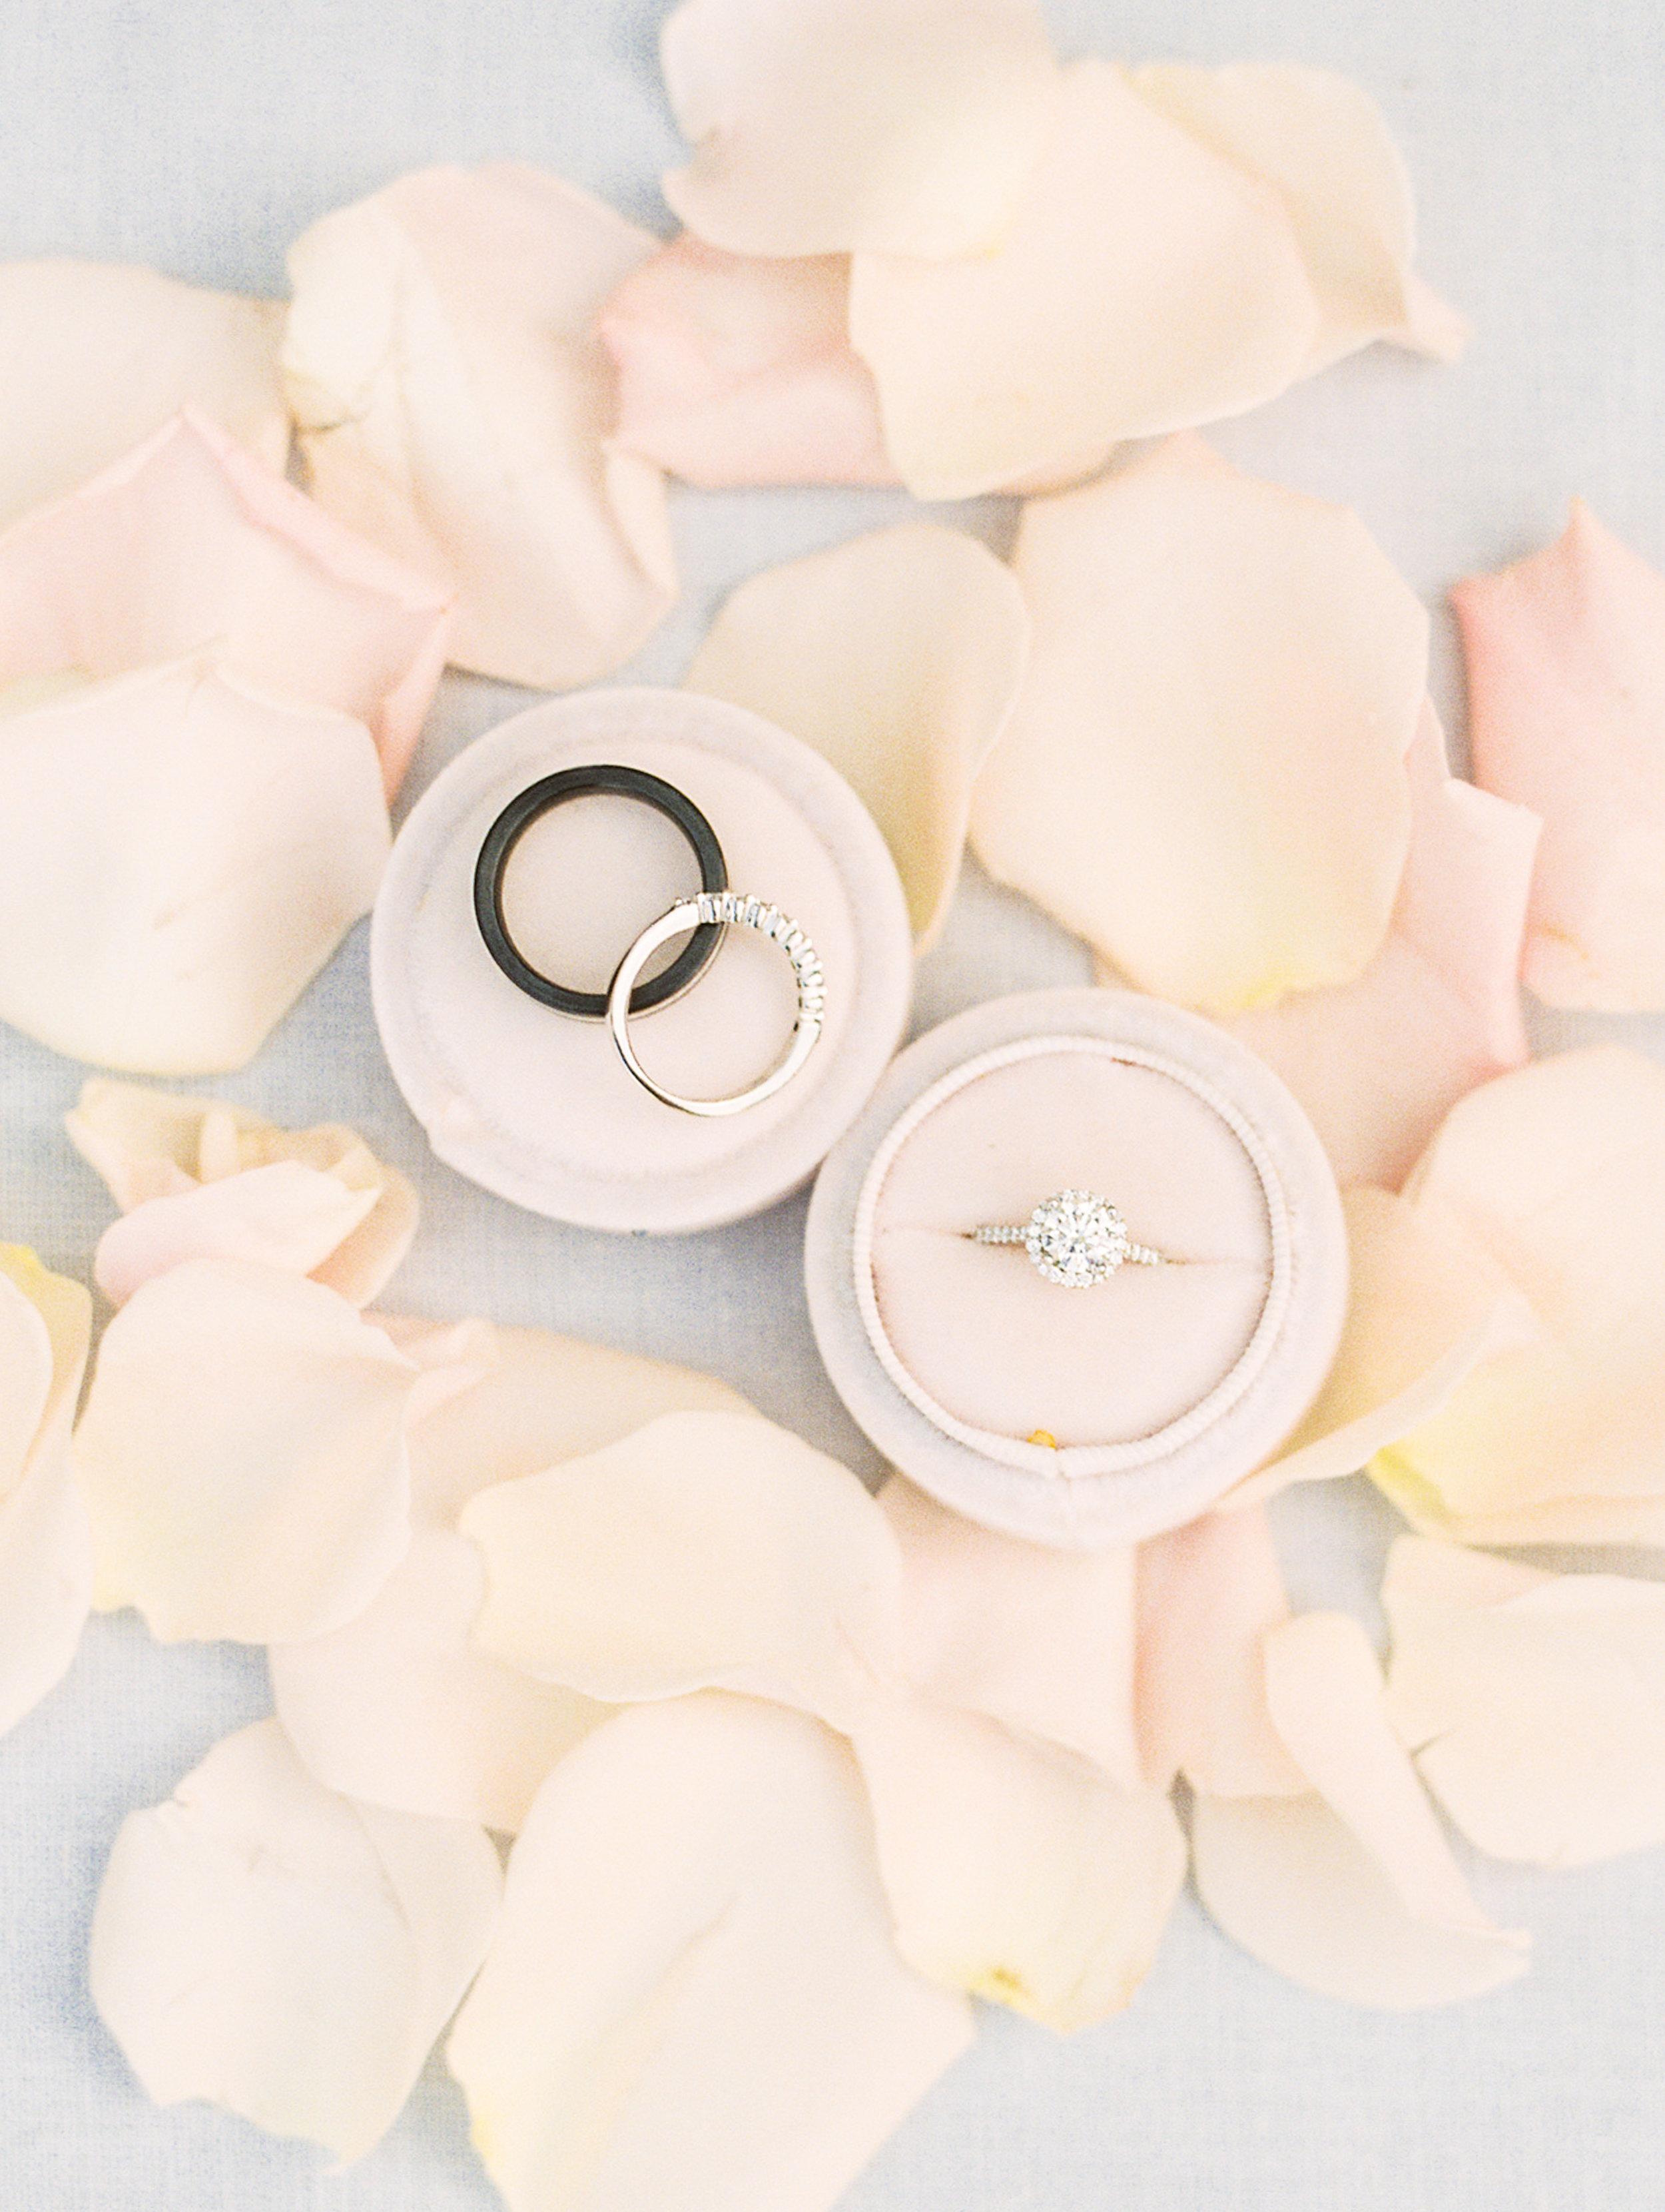 Cupp+Wedding+Detailsf-5.jpg